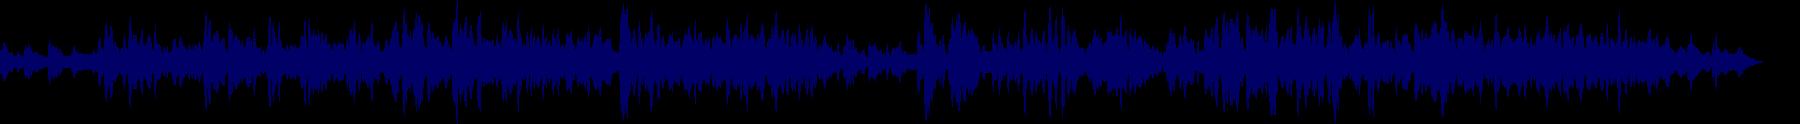 waveform of track #70571